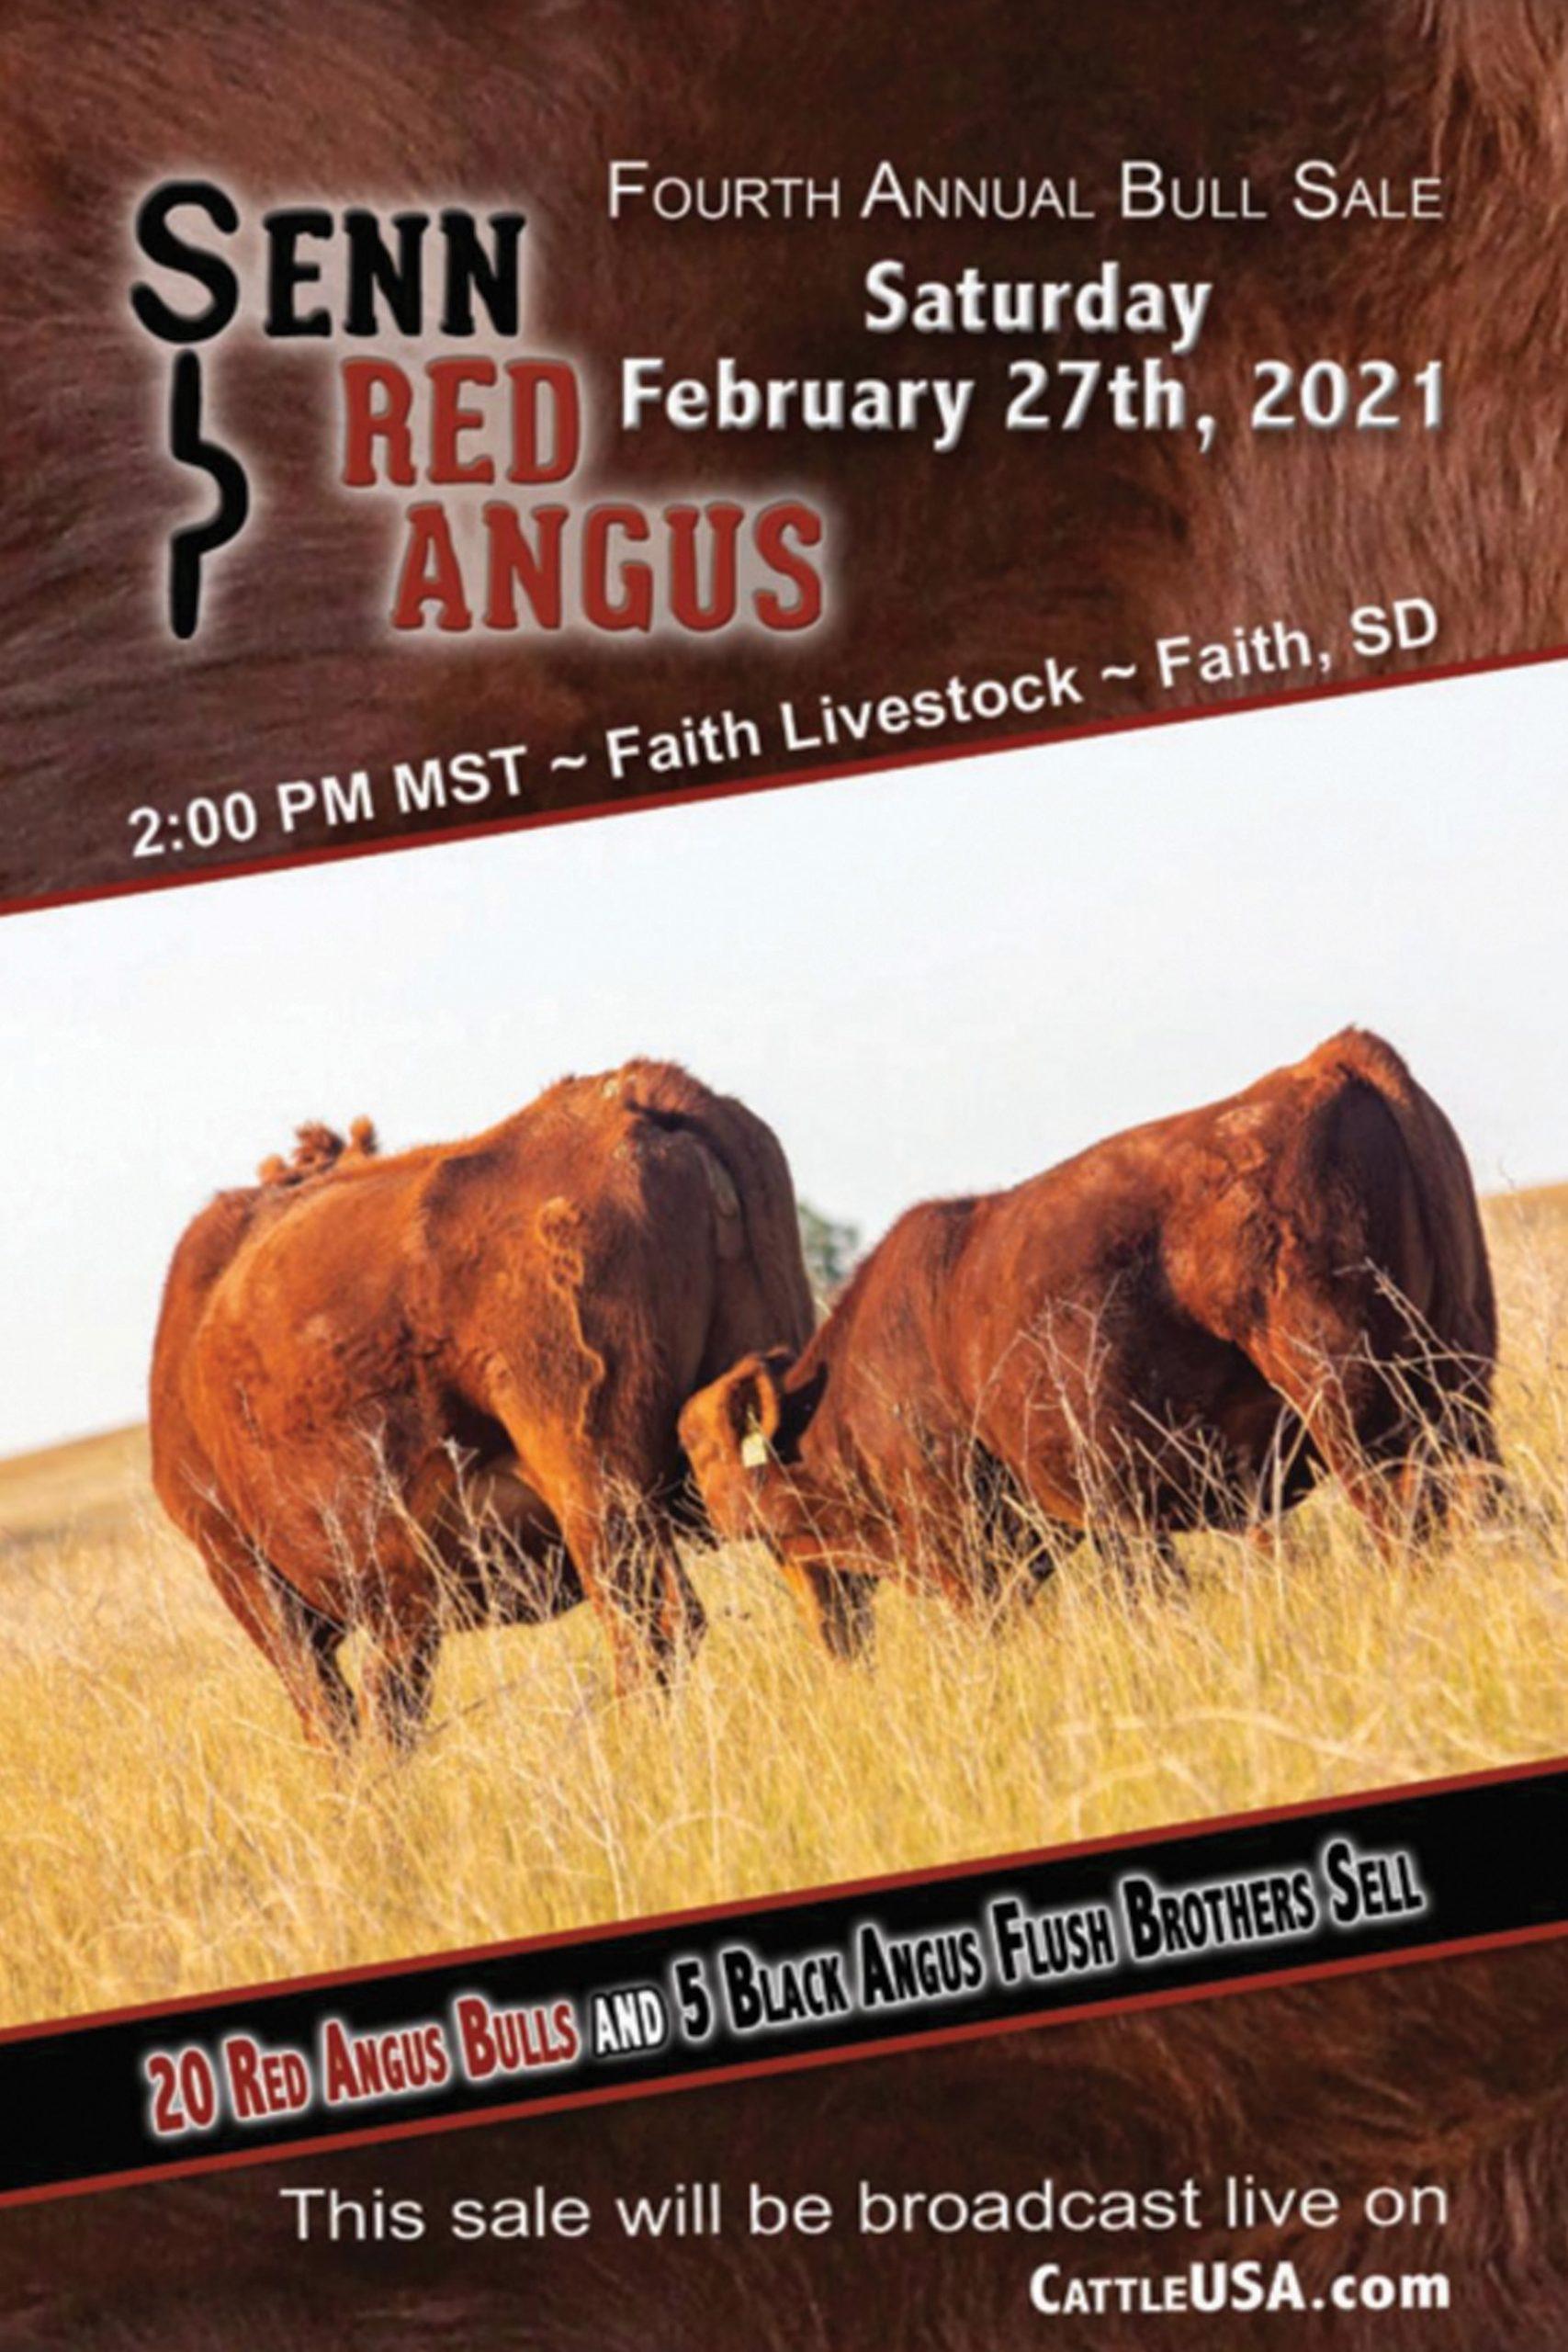 Senn Red Angus Bull Sale 2021